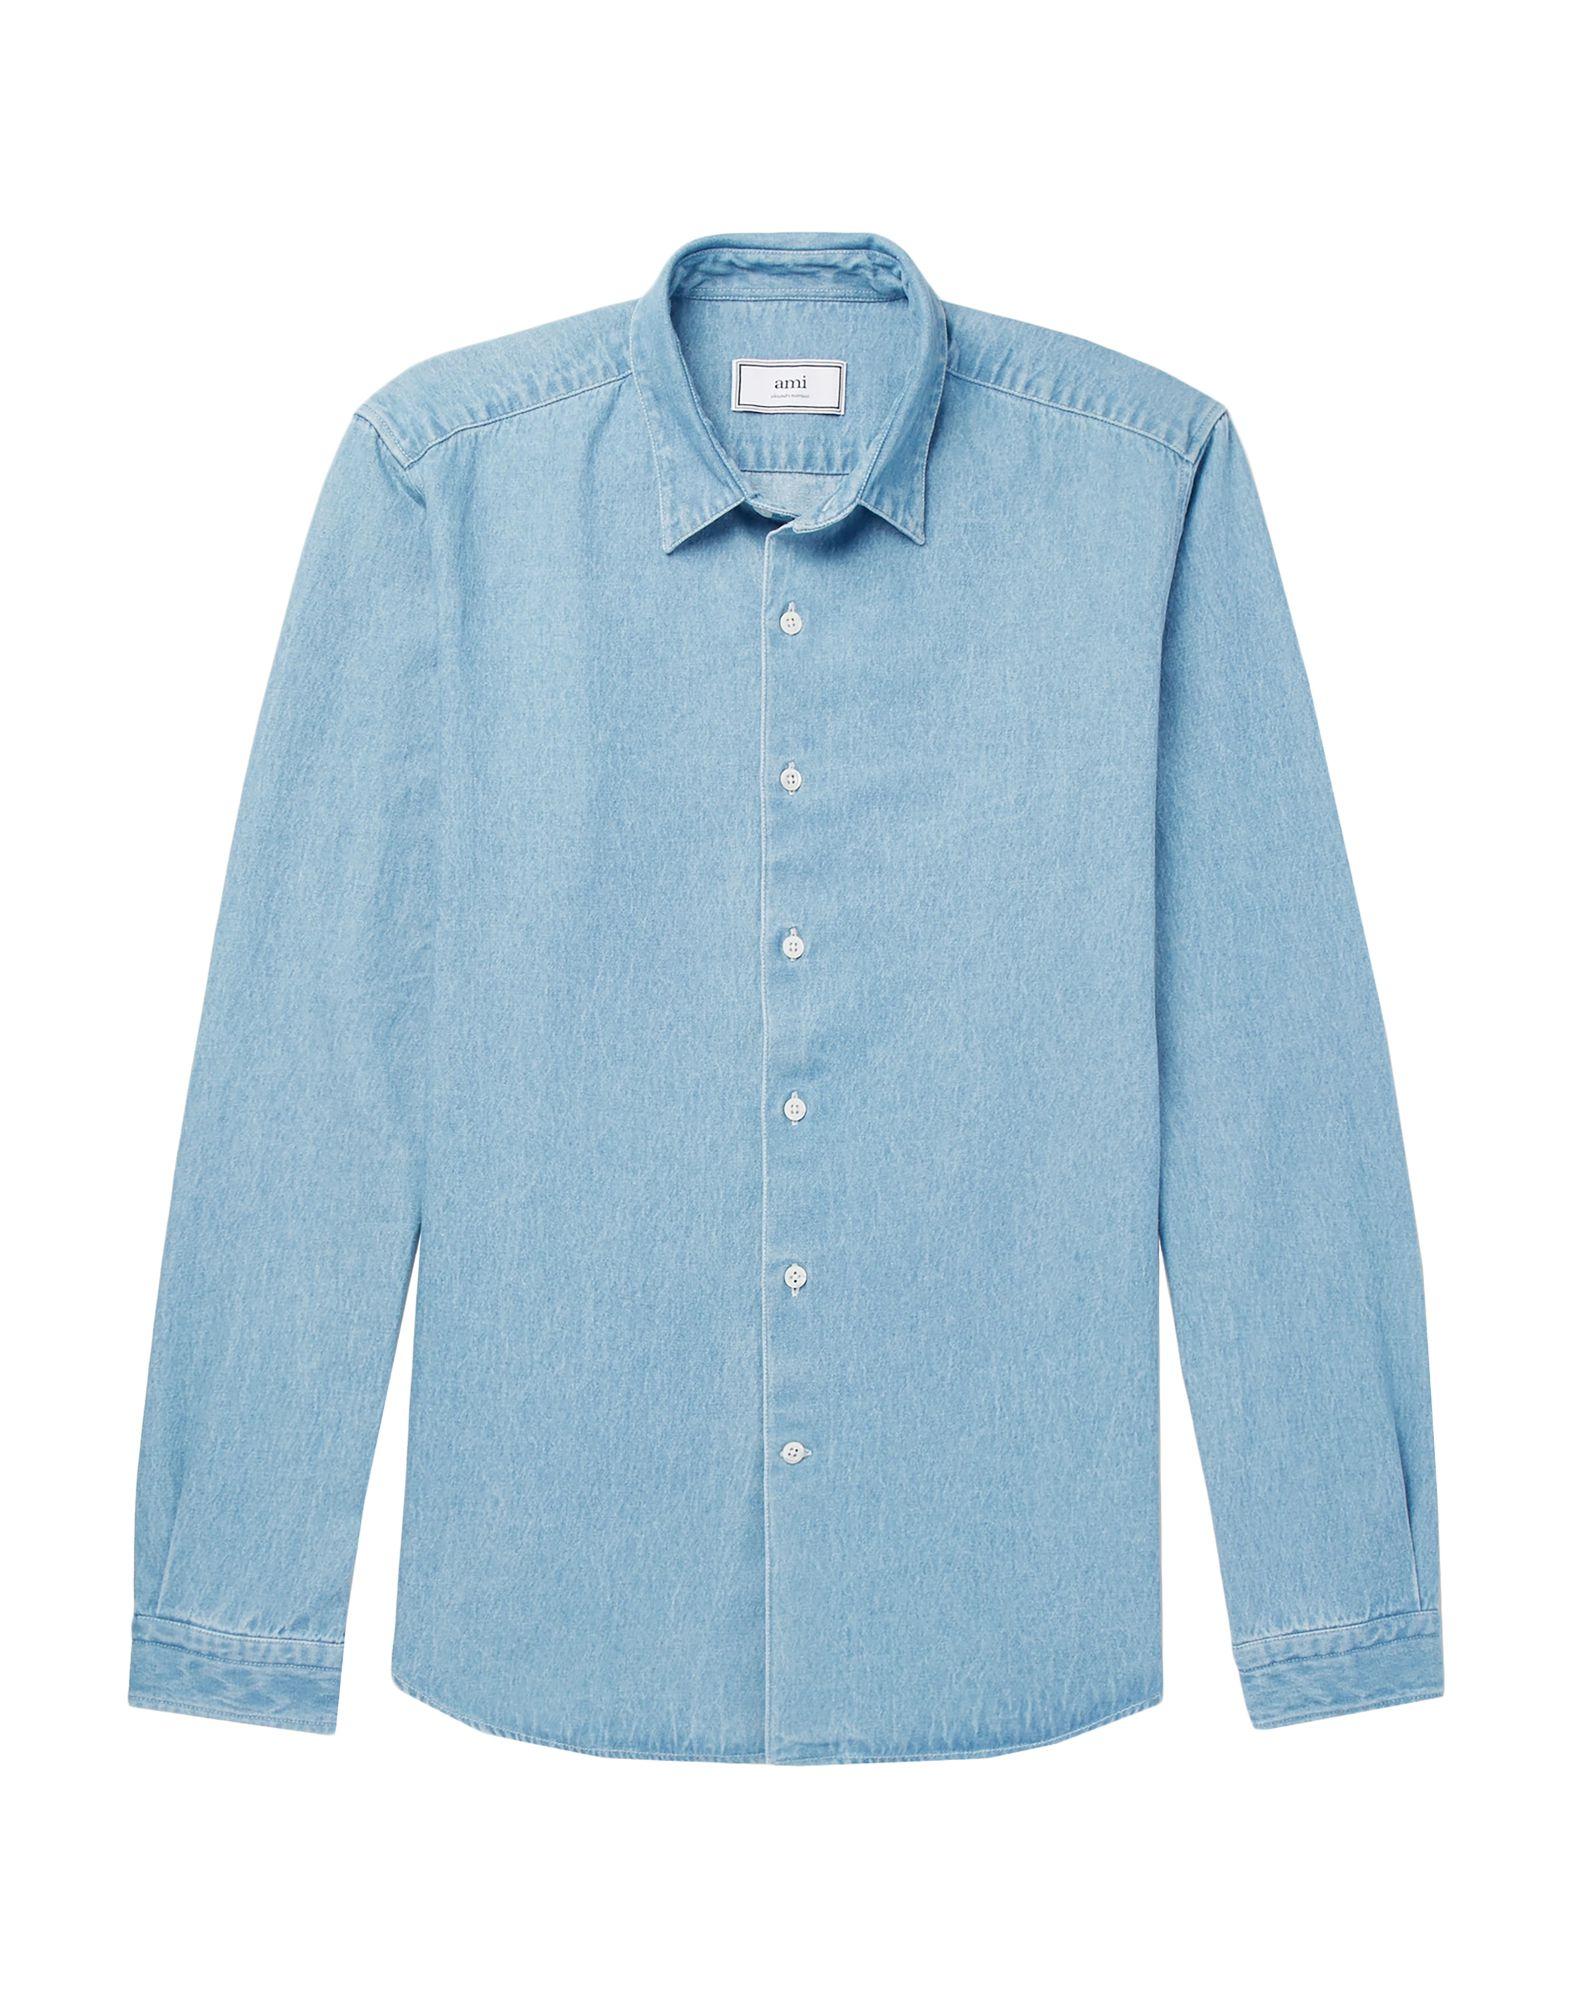 《期間限定セール開催中!》AMI ALEXANDRE MATTIUSSI メンズ デニムシャツ ブルー XS コットン 100%